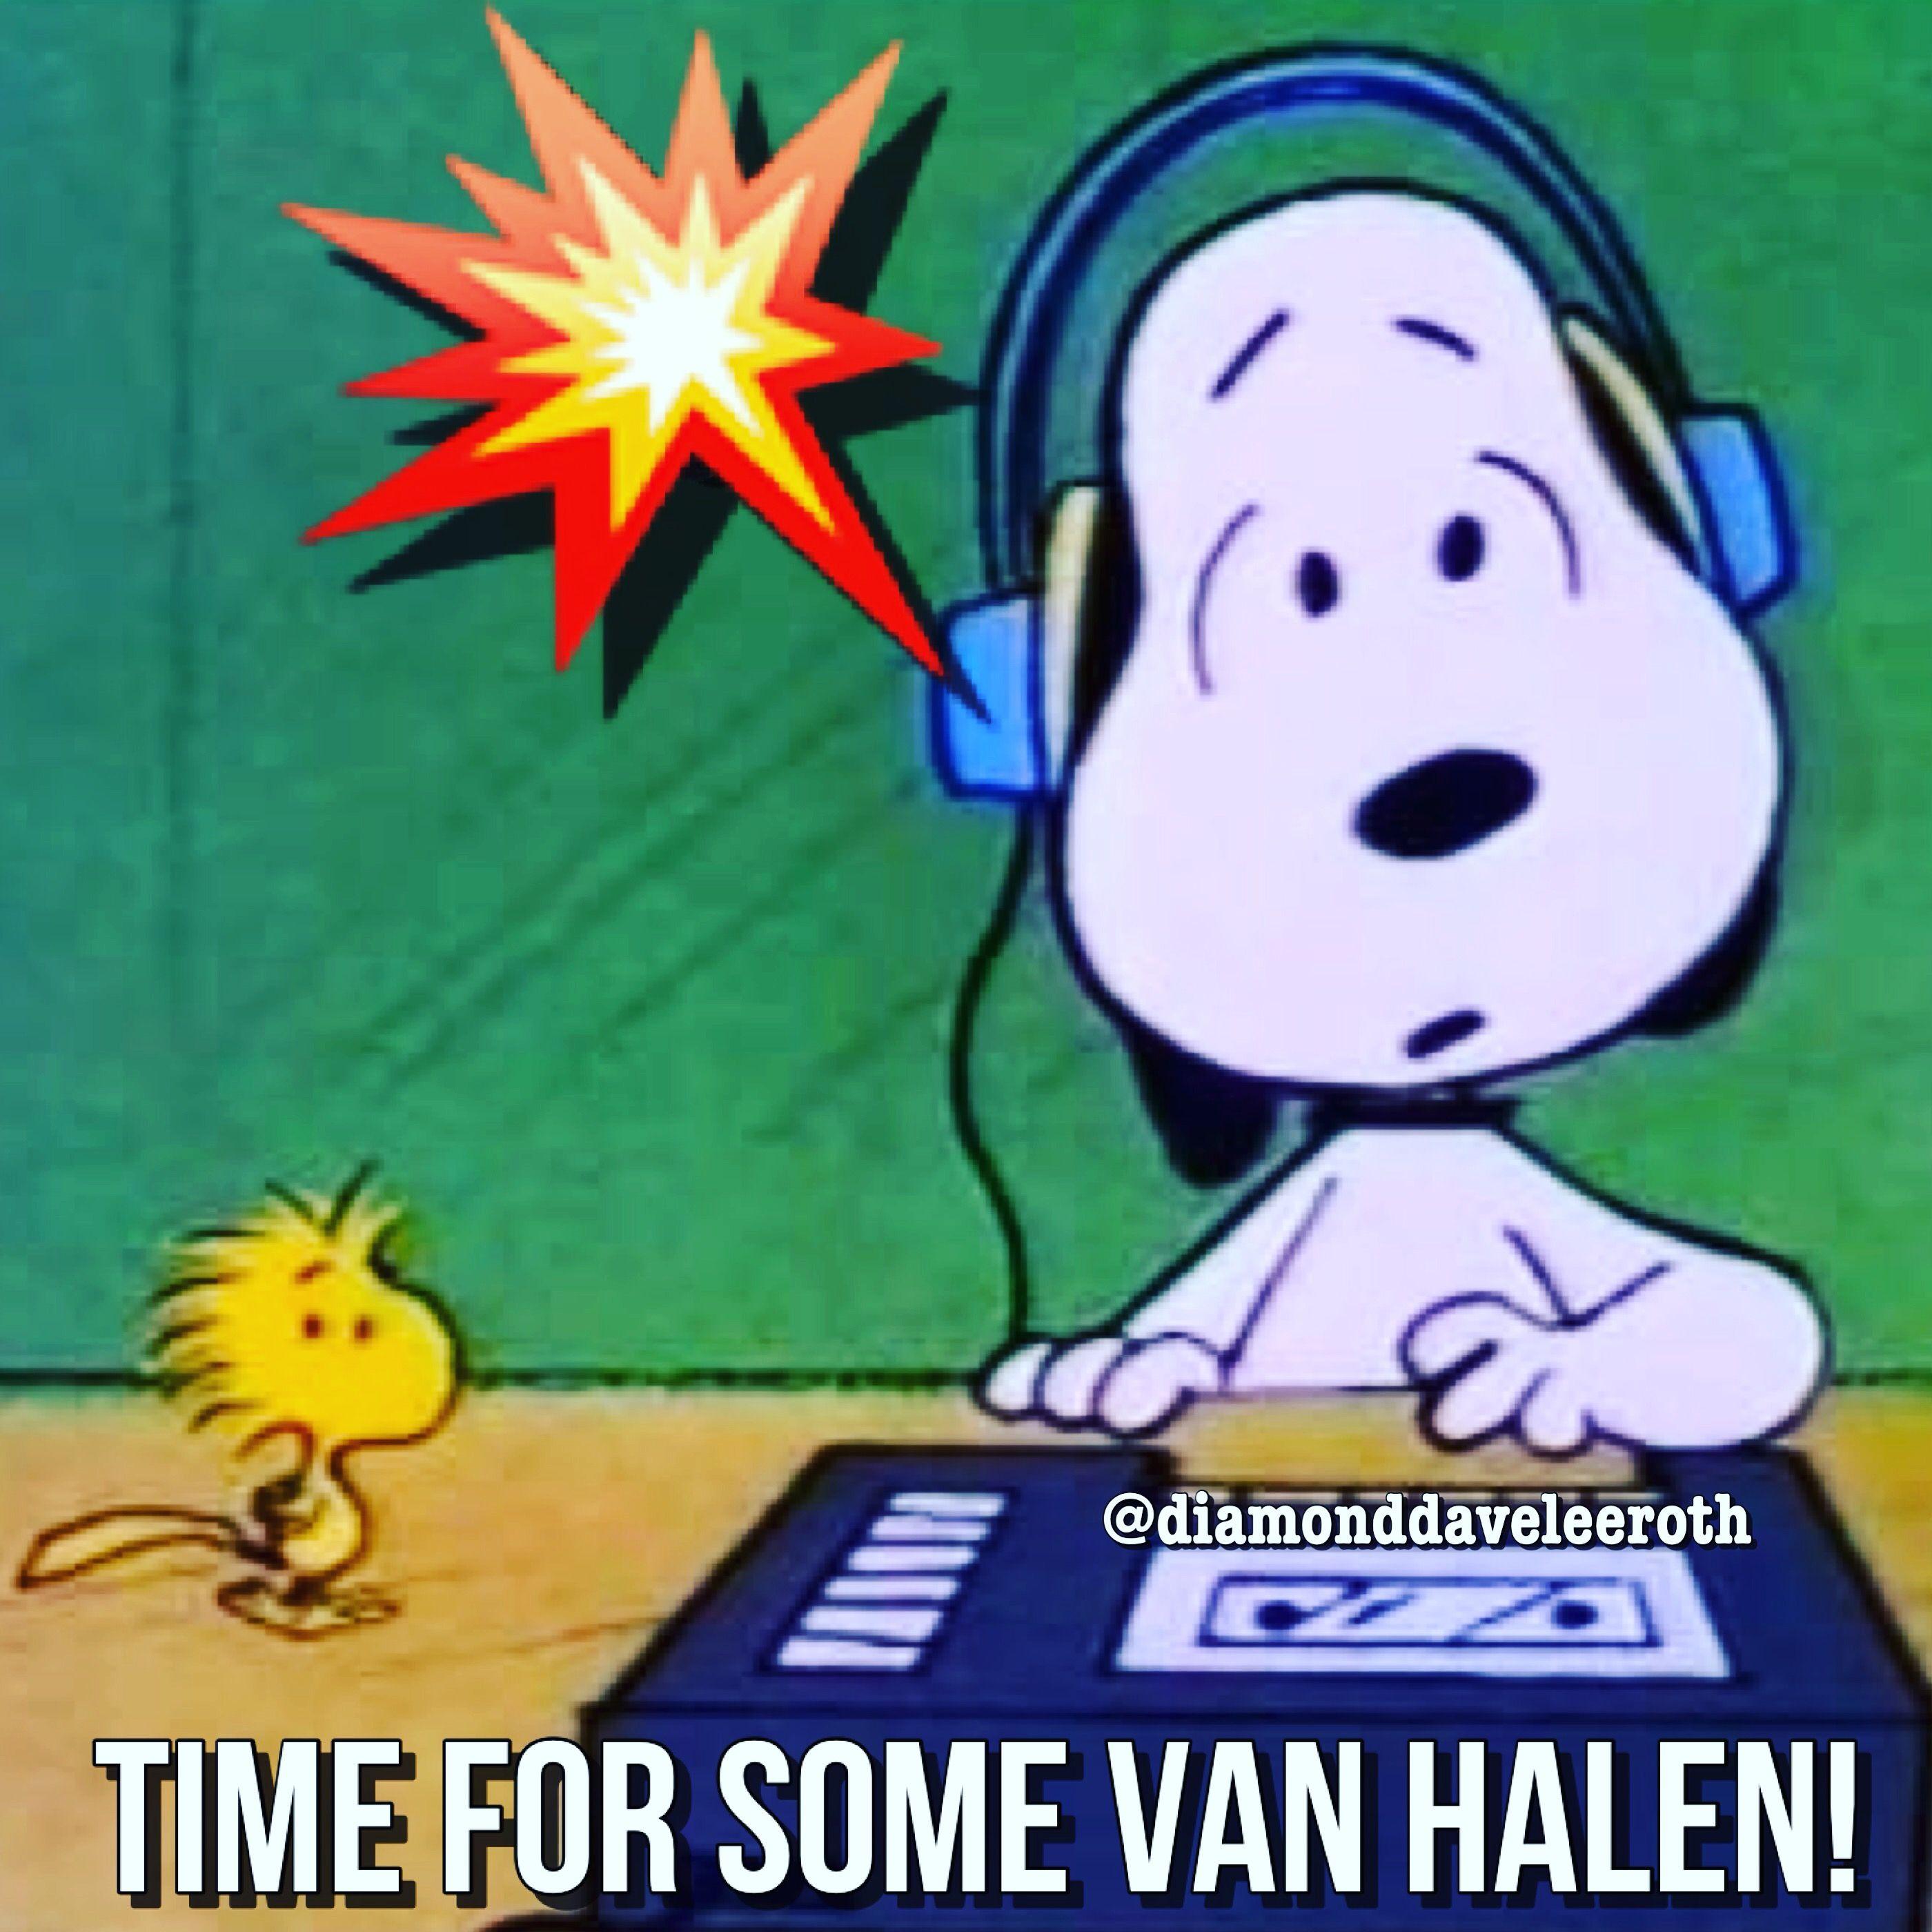 Pin De Shawna Bendov Em Van Halen Snoopy